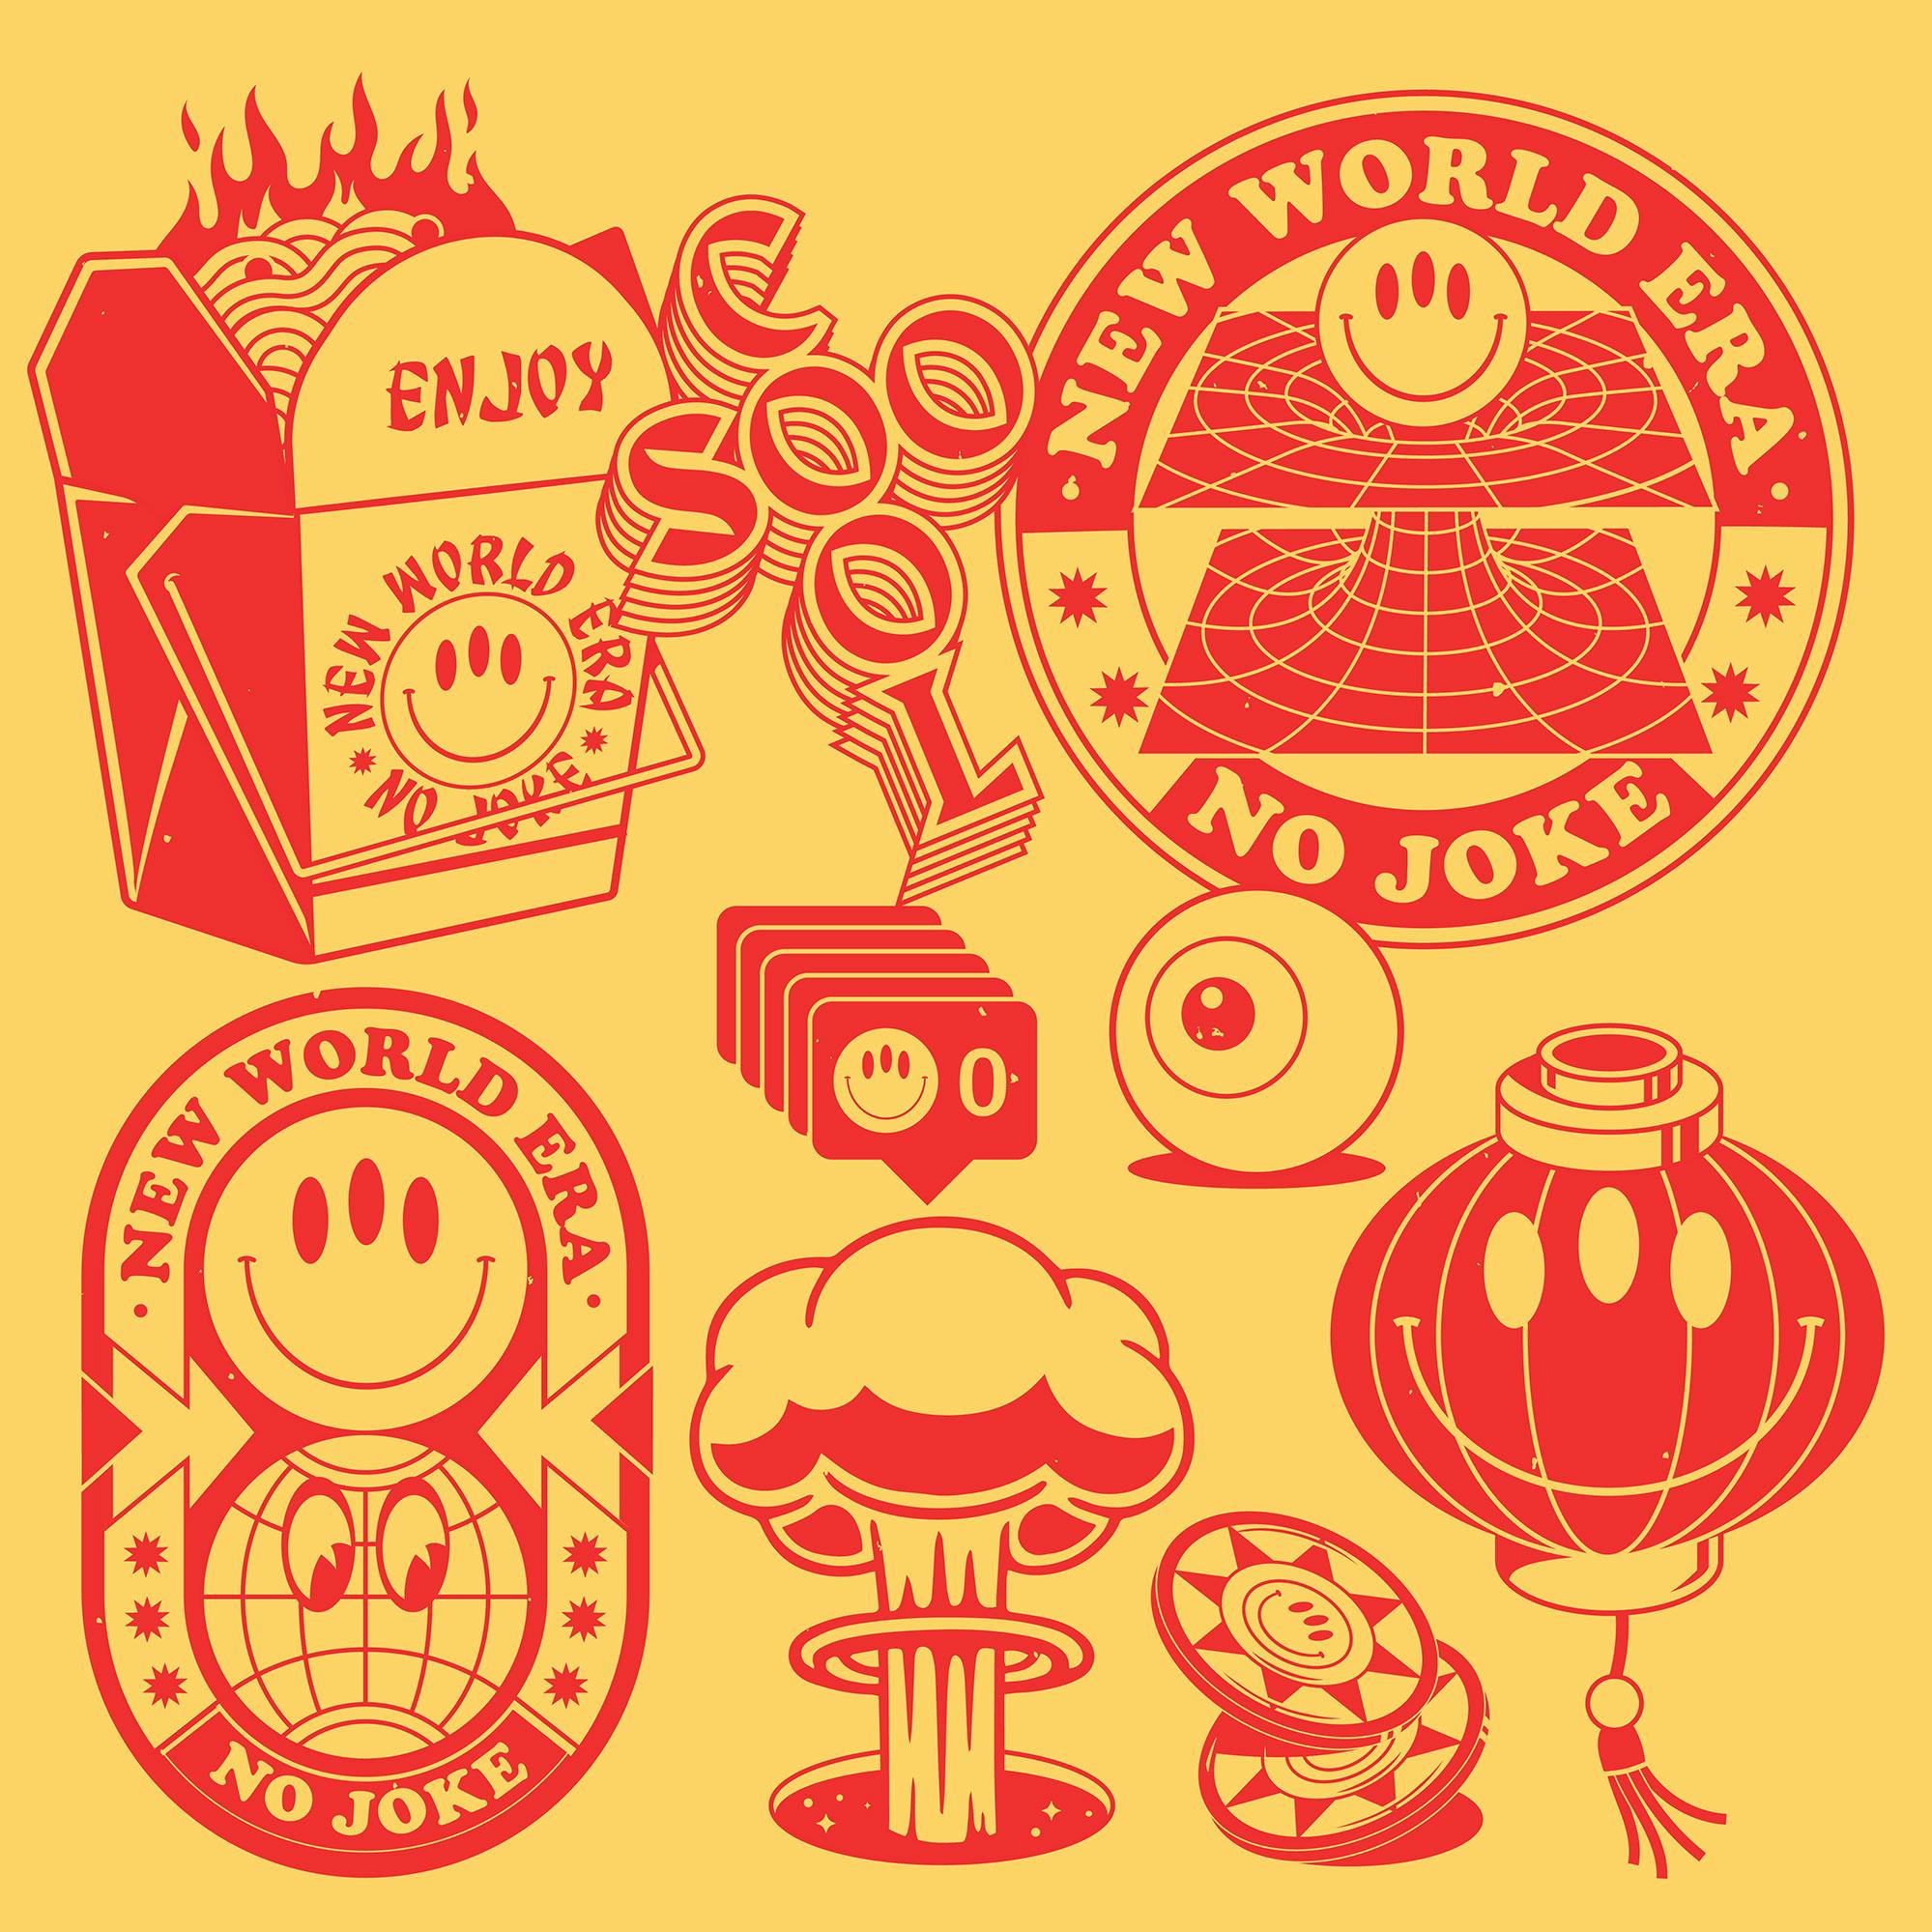 NEW-WORLD-ERA_1.jpg